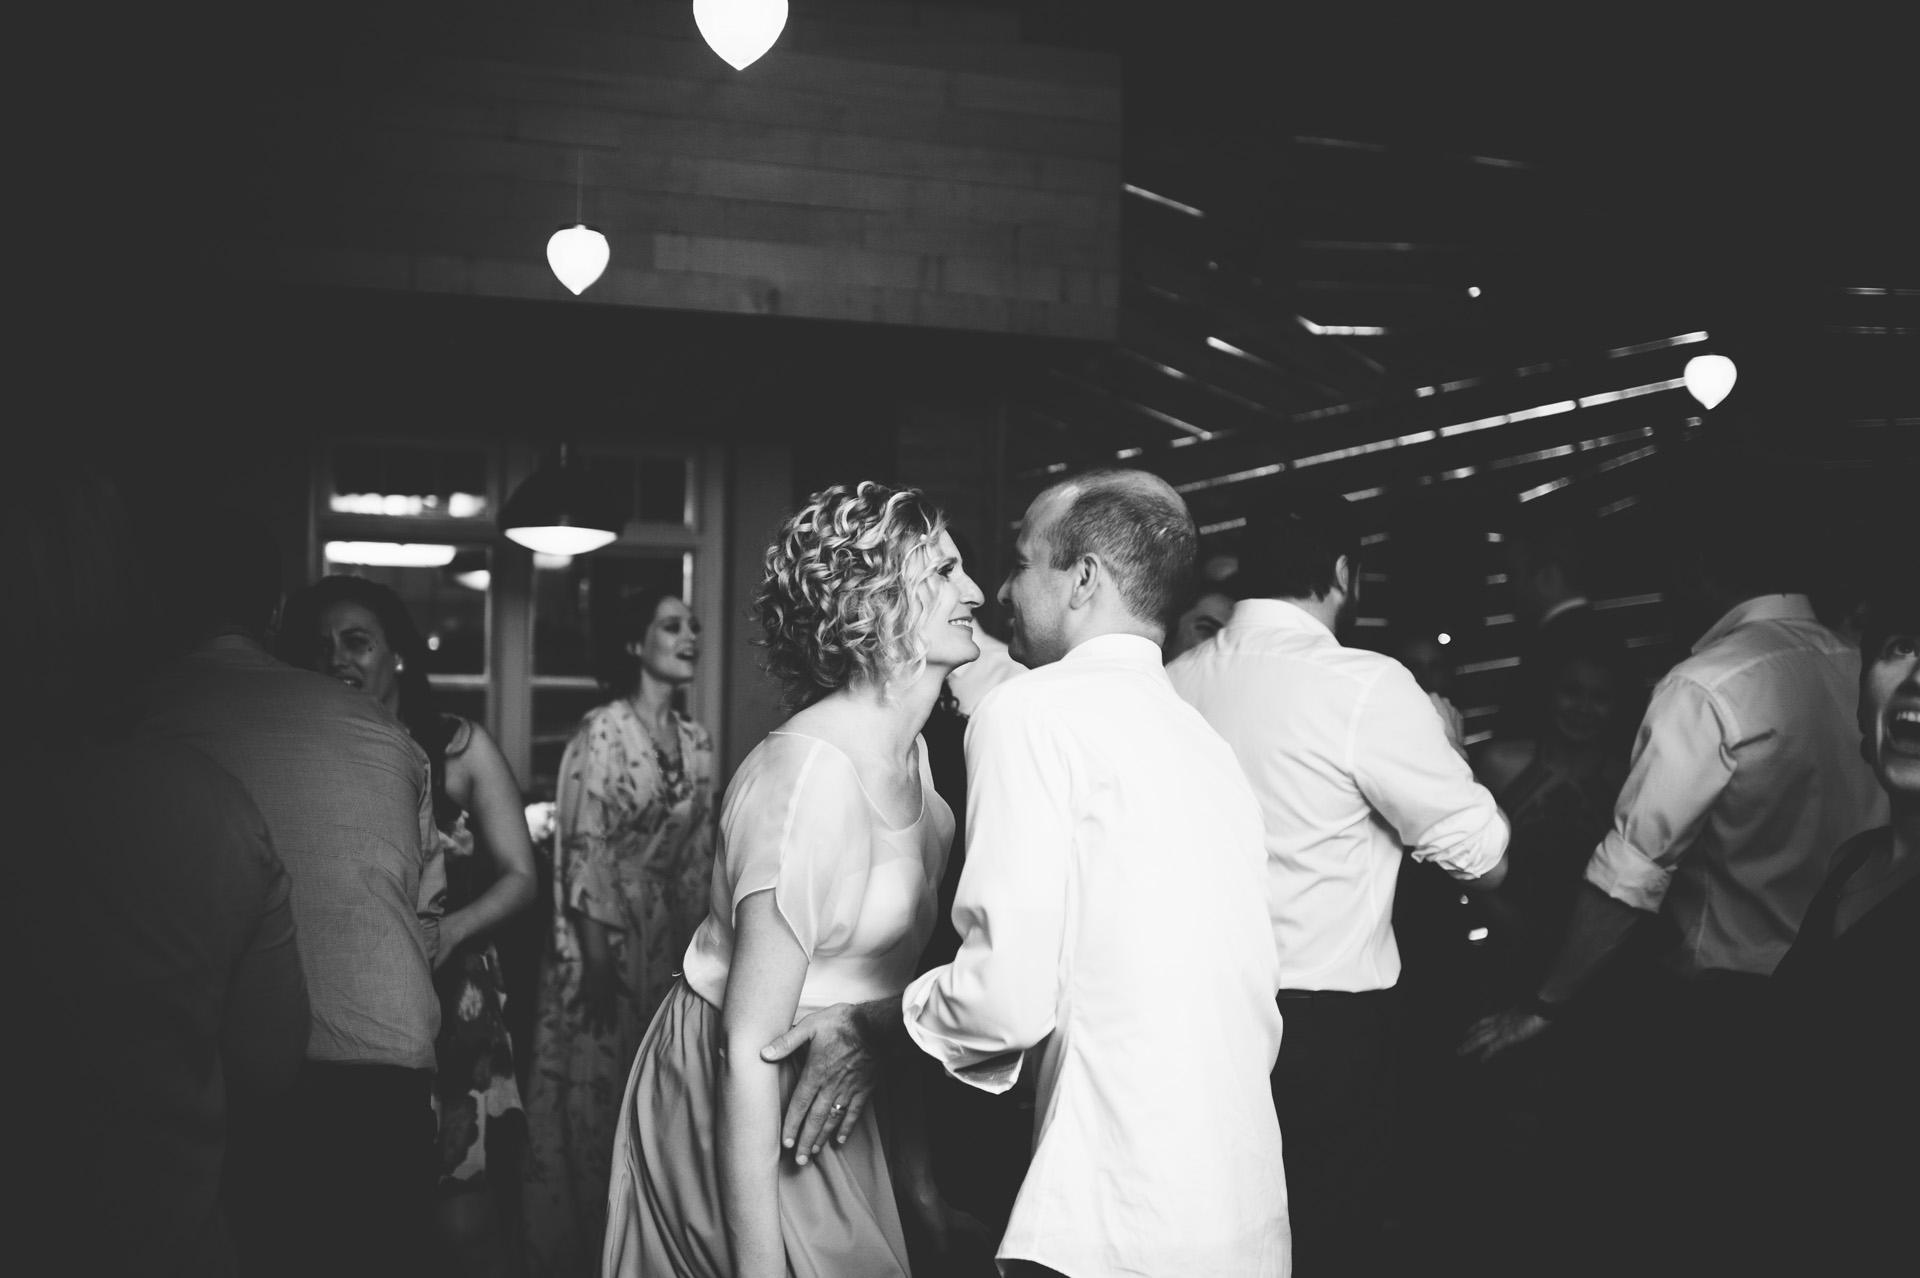 alden-harlow-wedding-photographer-65